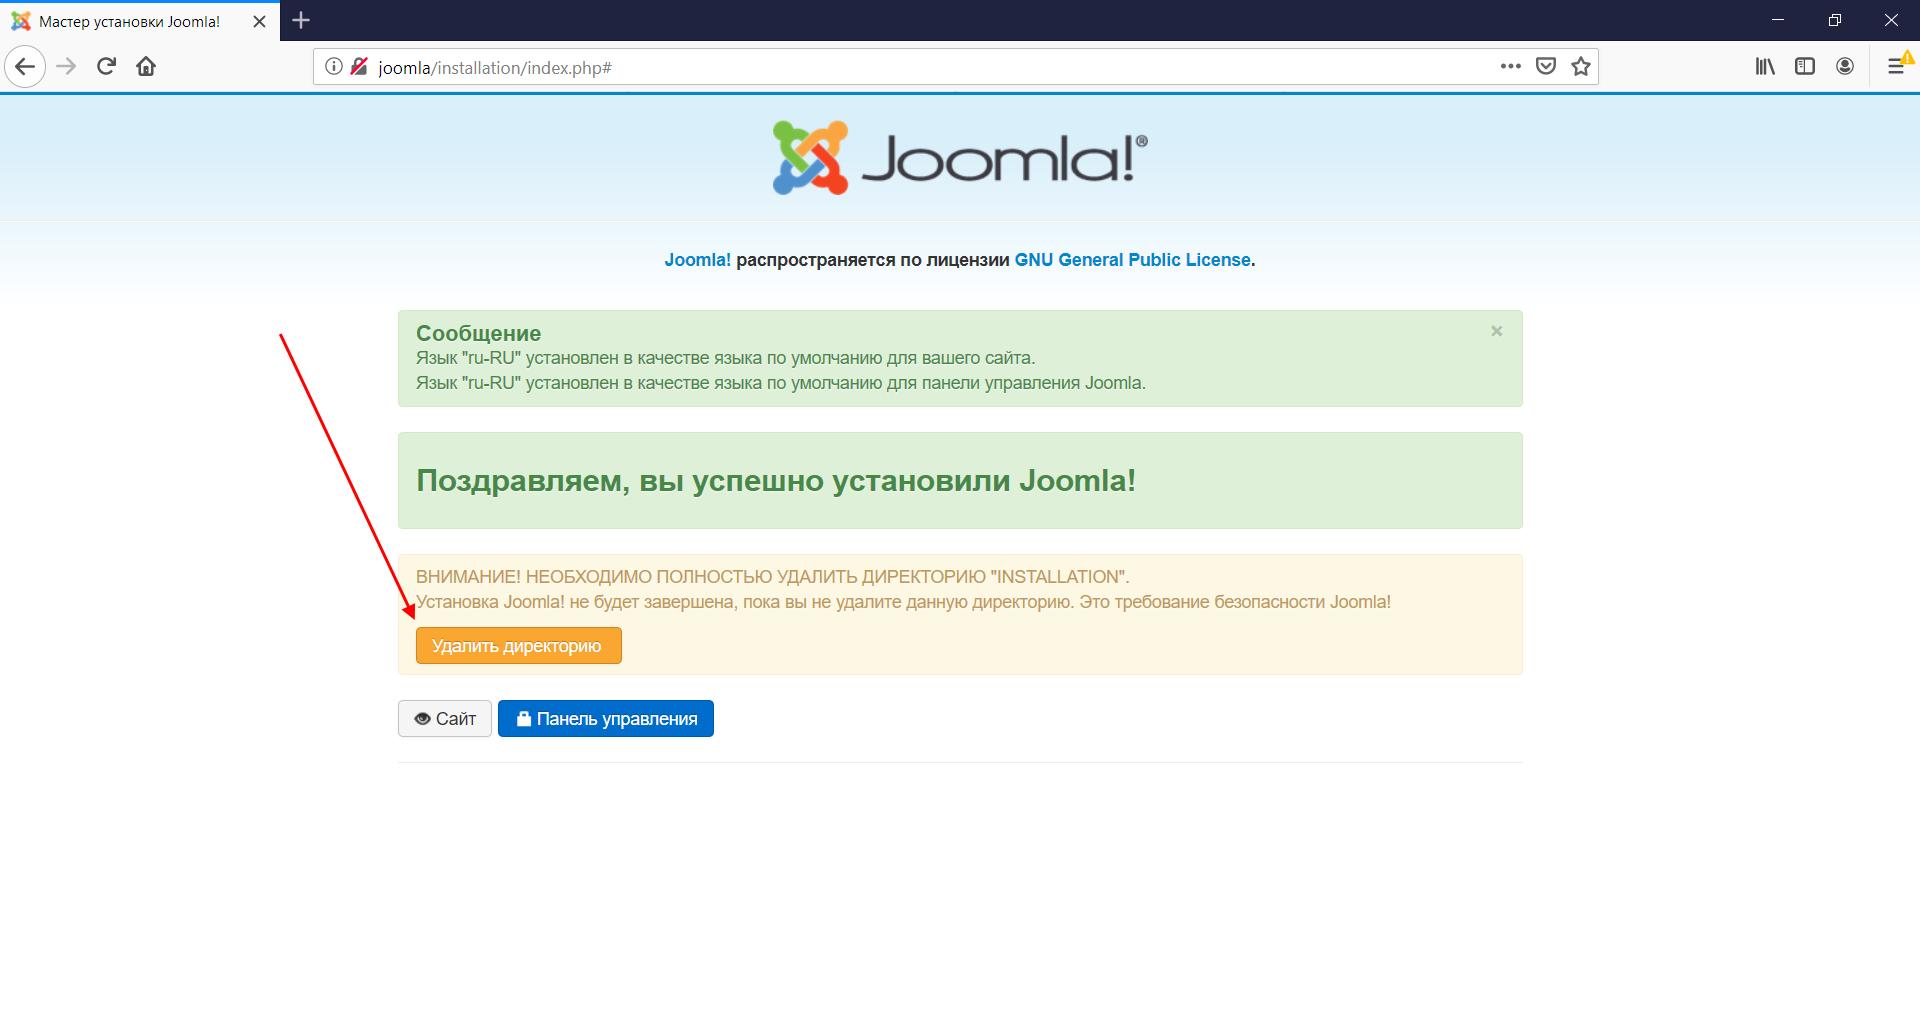 Как установить Joomla на русском языке